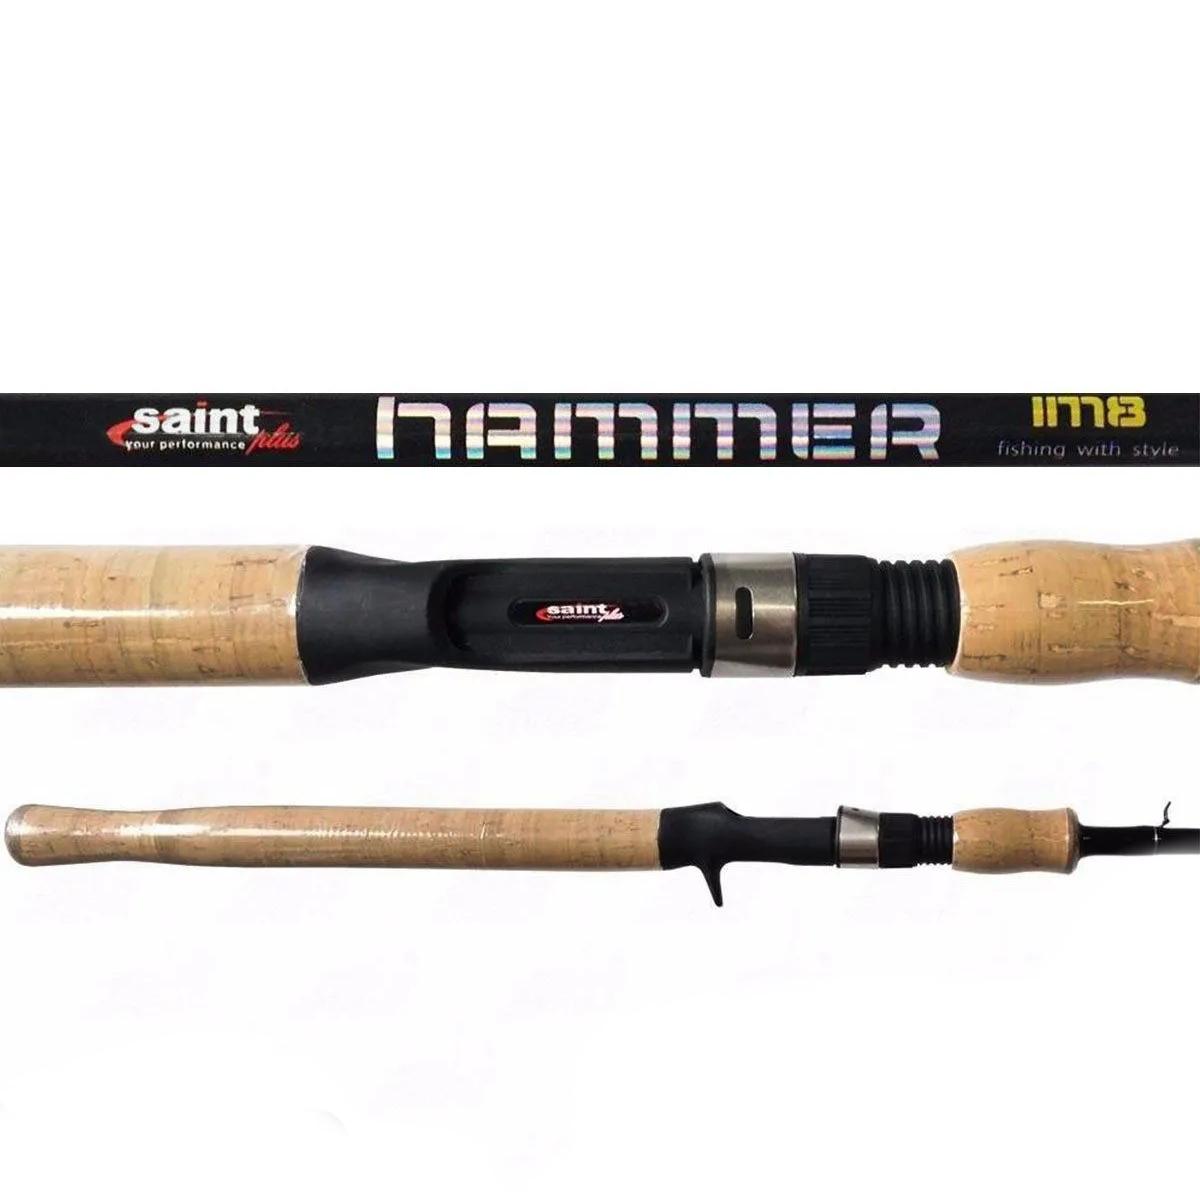 Vara Saint Hammer 702bc (2,13m) 15-30lb 2 Partes Carretilha  - Pesca Adventure